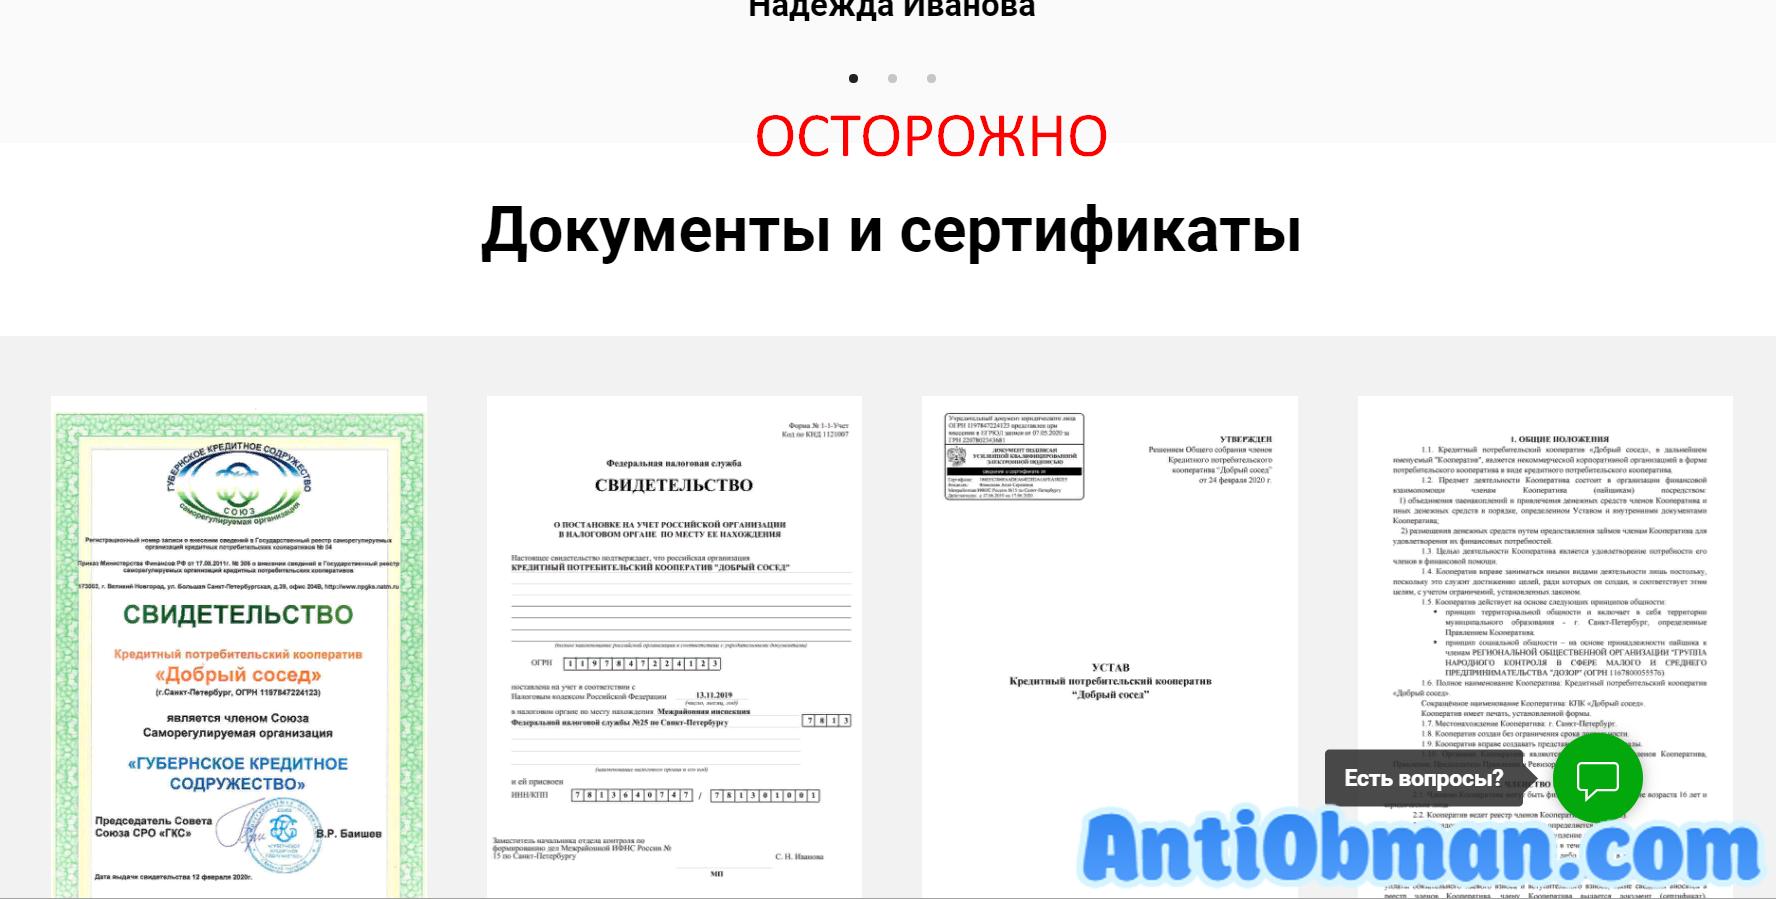 КПК Добрый сосед - реальные отзывы о КПК gnfinance.ru